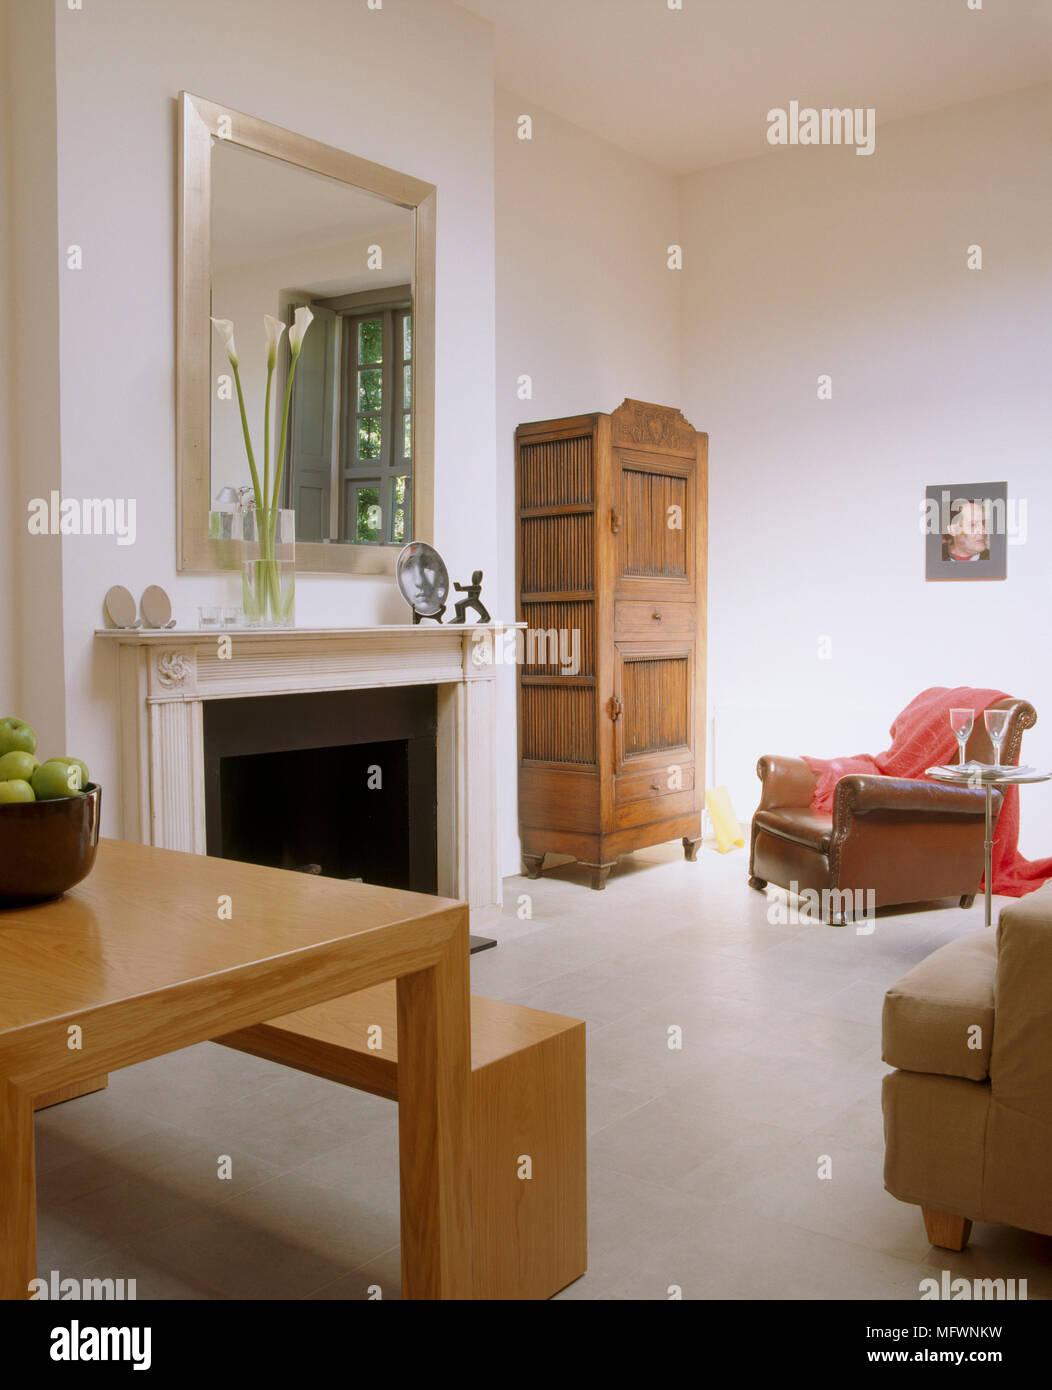 Spiegel überm Esstisch fireplace mirror chair table stockfotos fireplace mirror chair